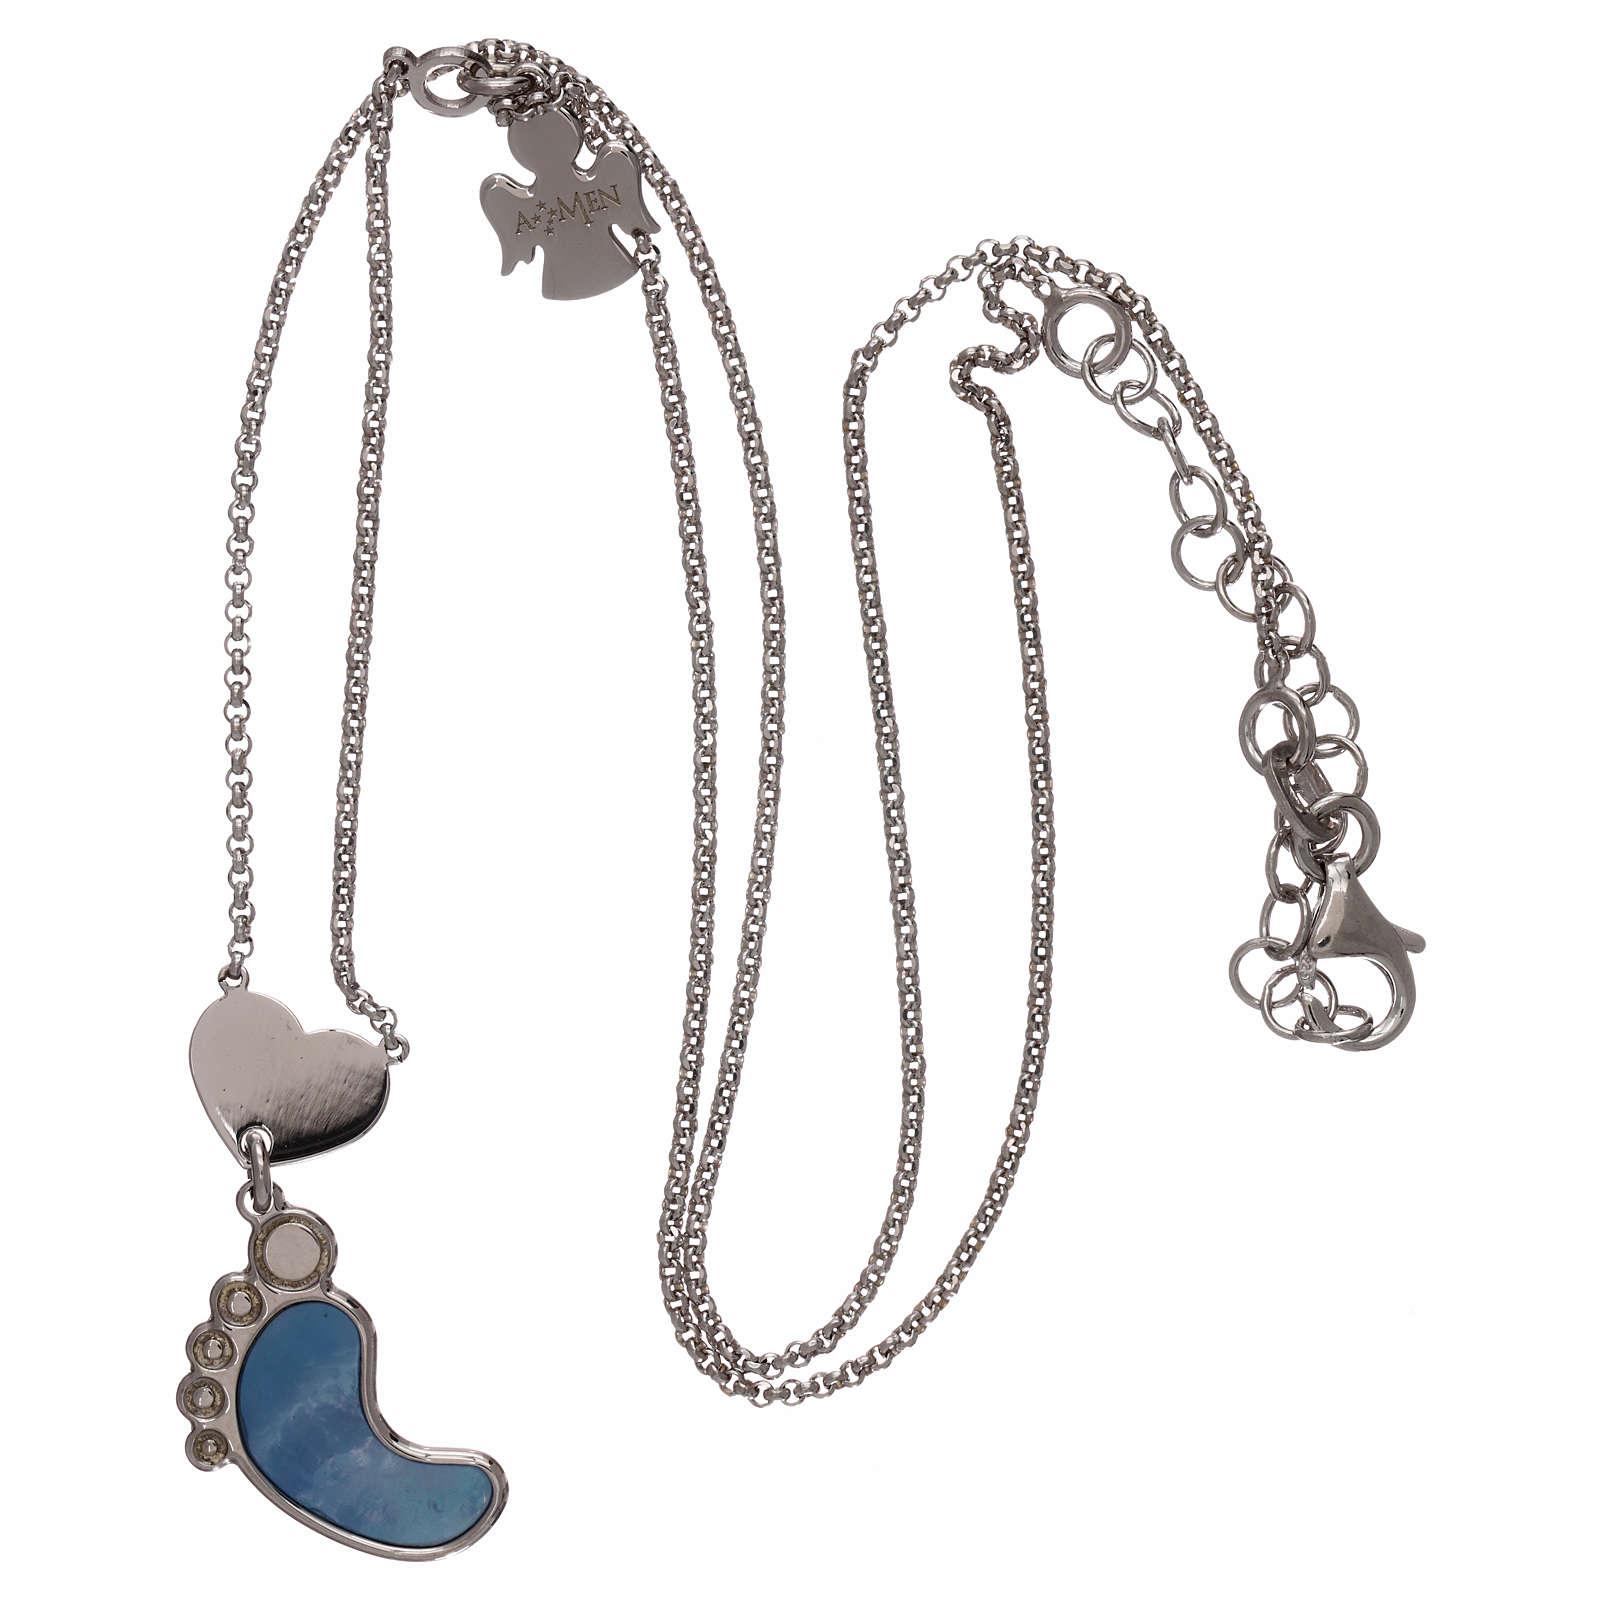 Collier AMEN argent 925 pendentif nacre forme pied bleu 4